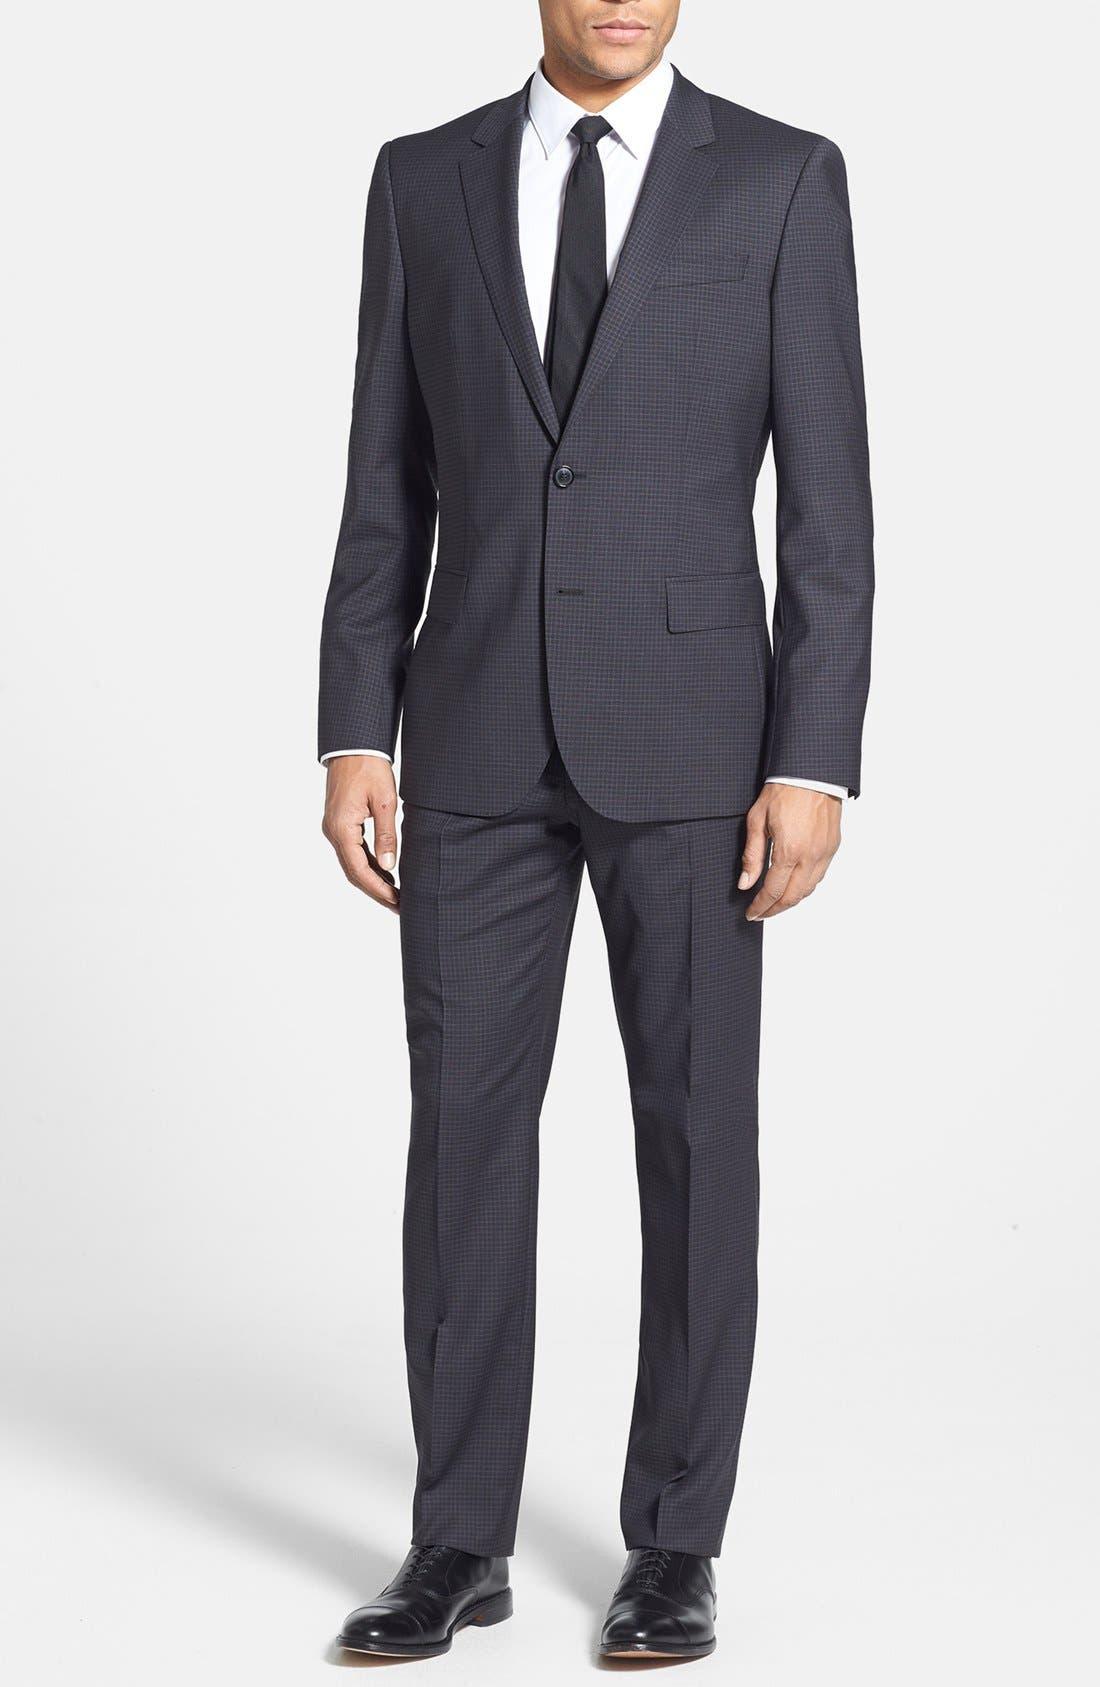 Alternate Image 1 Selected - BOSS HUGO BOSS 'Huge/Genius' Trim Fit Check Suit